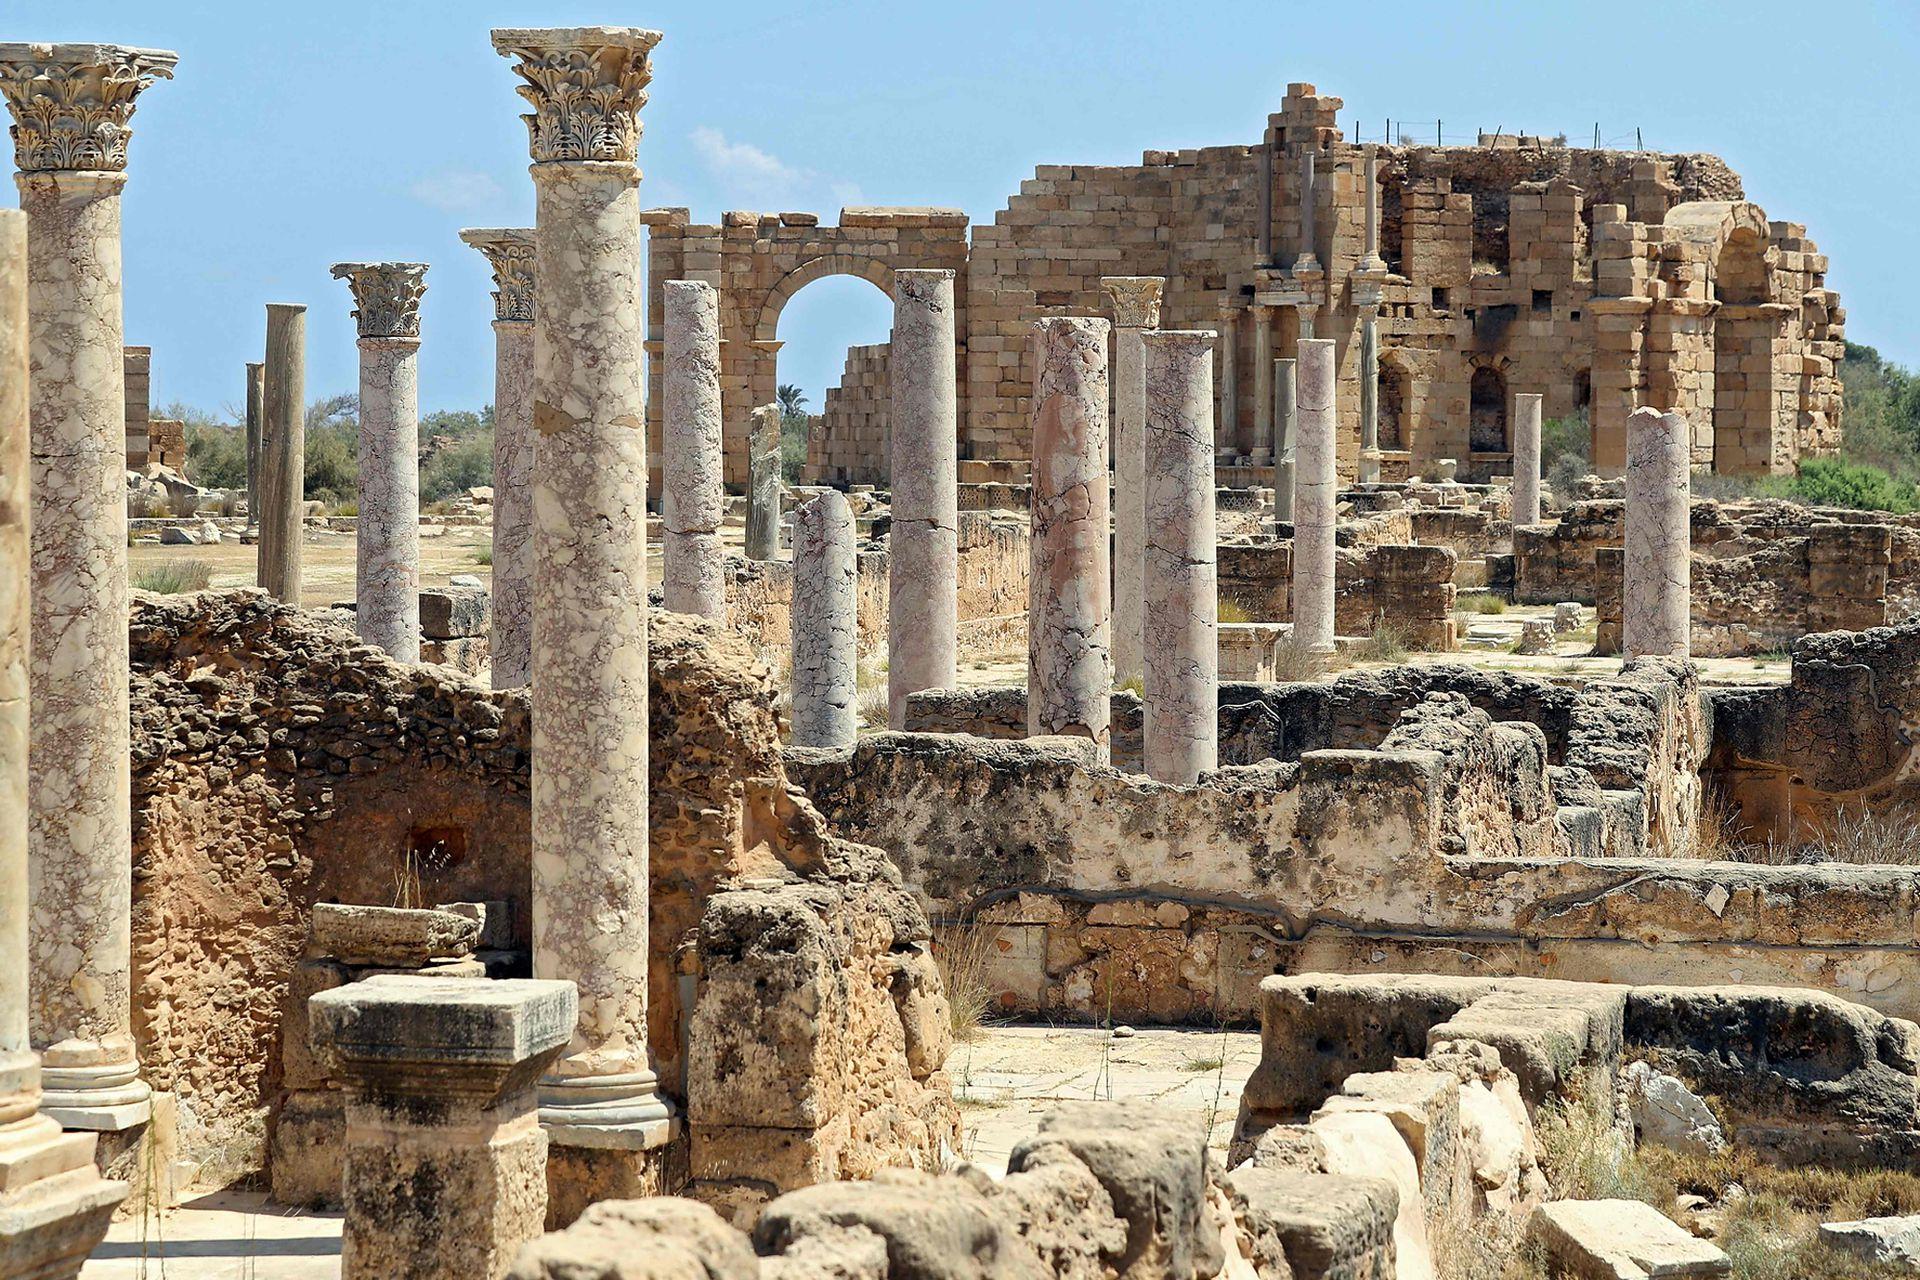 Una imagen muestra una vista general de columnas de mármol mirando hacia el Ninfeo al fondo